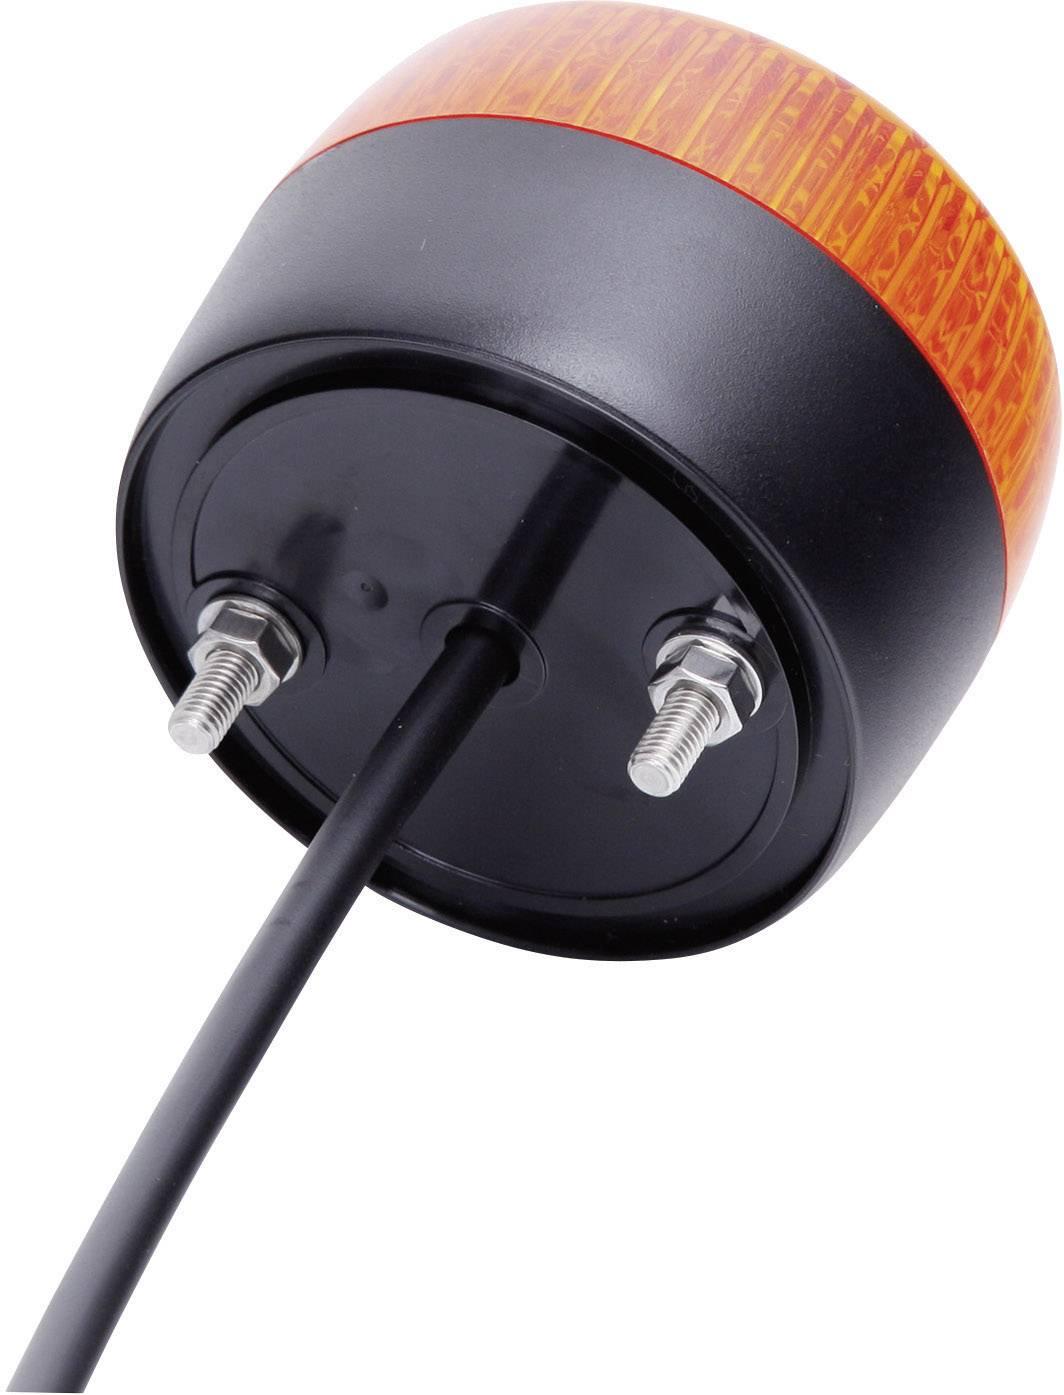 LED signalizačné osvetlenie Auer Signalgeräte PCH 861501313, oranžová, trvalé svetlo, blikajúce, 230 V/AC